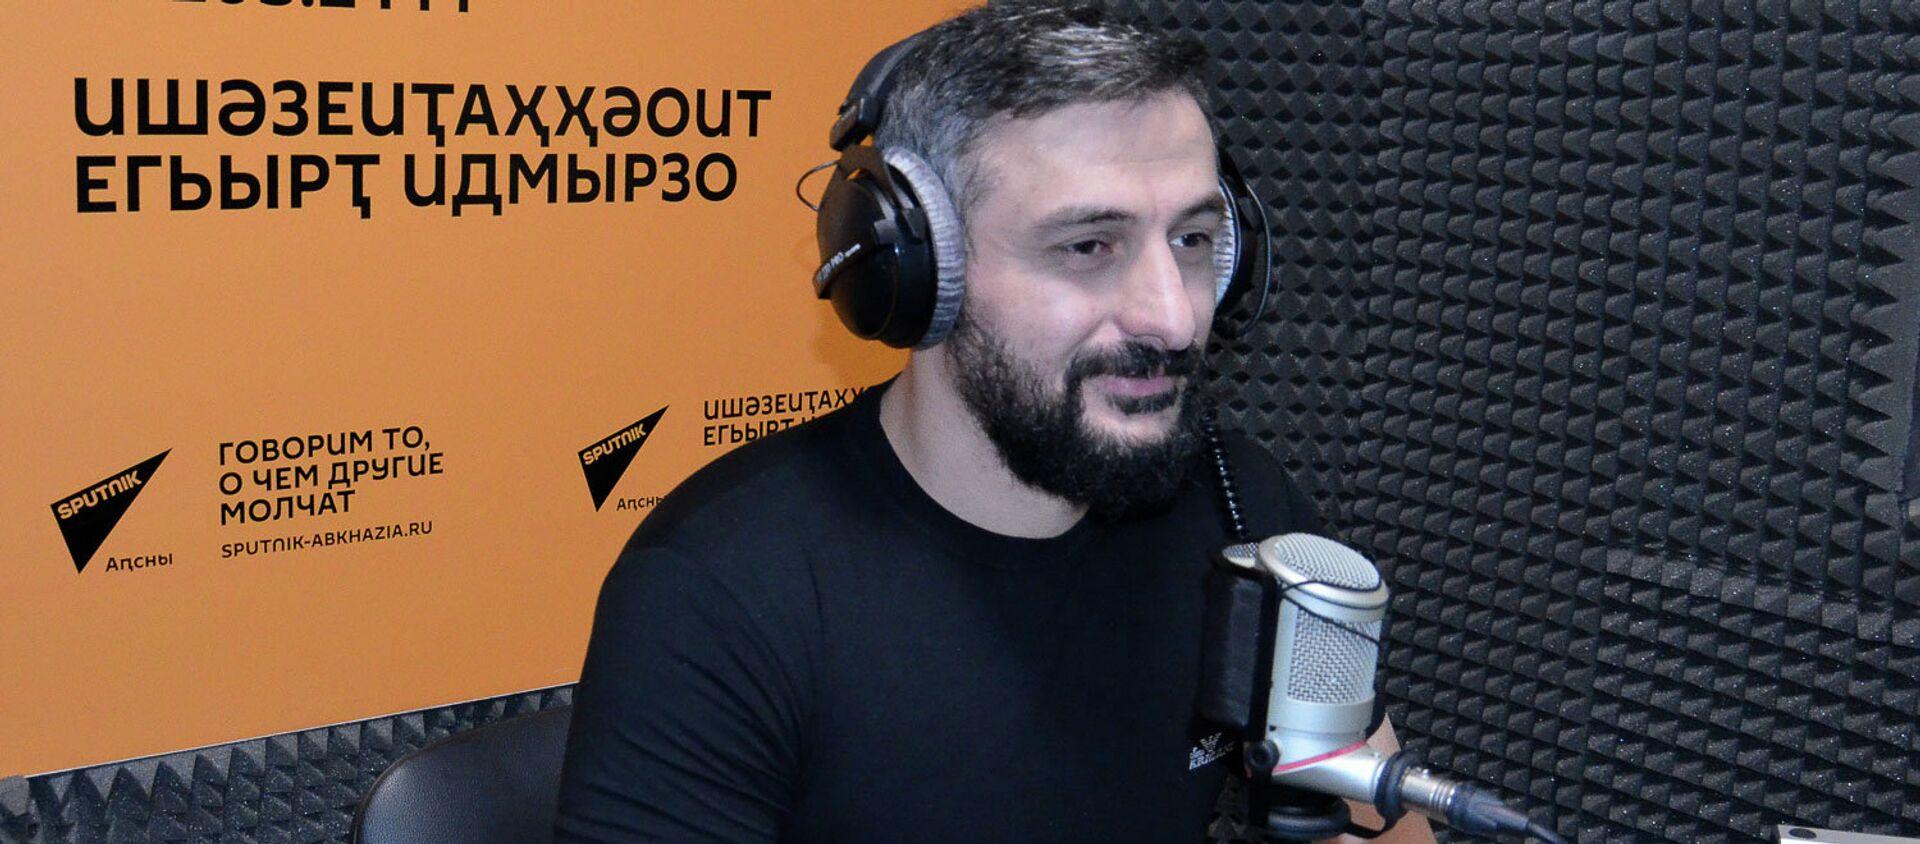 Астамур Квициния - Sputnik Аҧсны, 1920, 20.08.2020